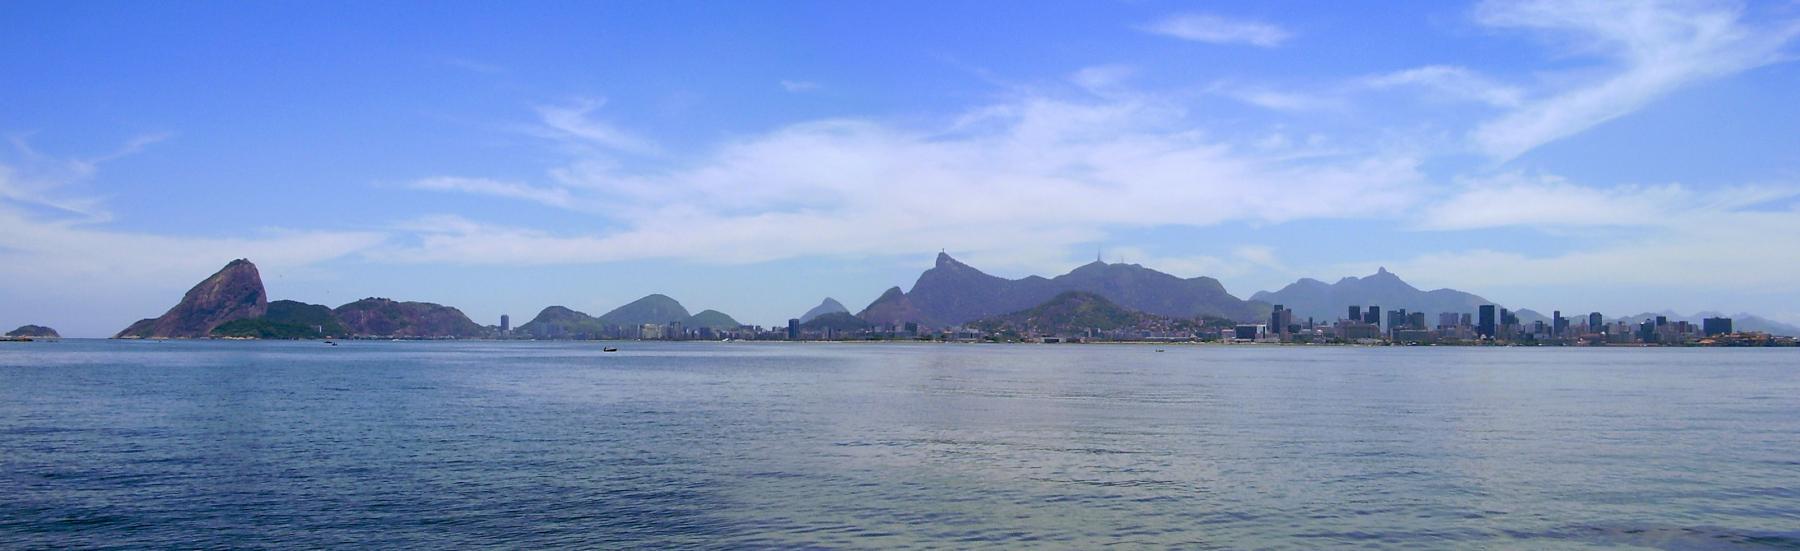 Despejo de óleo na Baía de Guanabara rende multas de R$ 350 mil